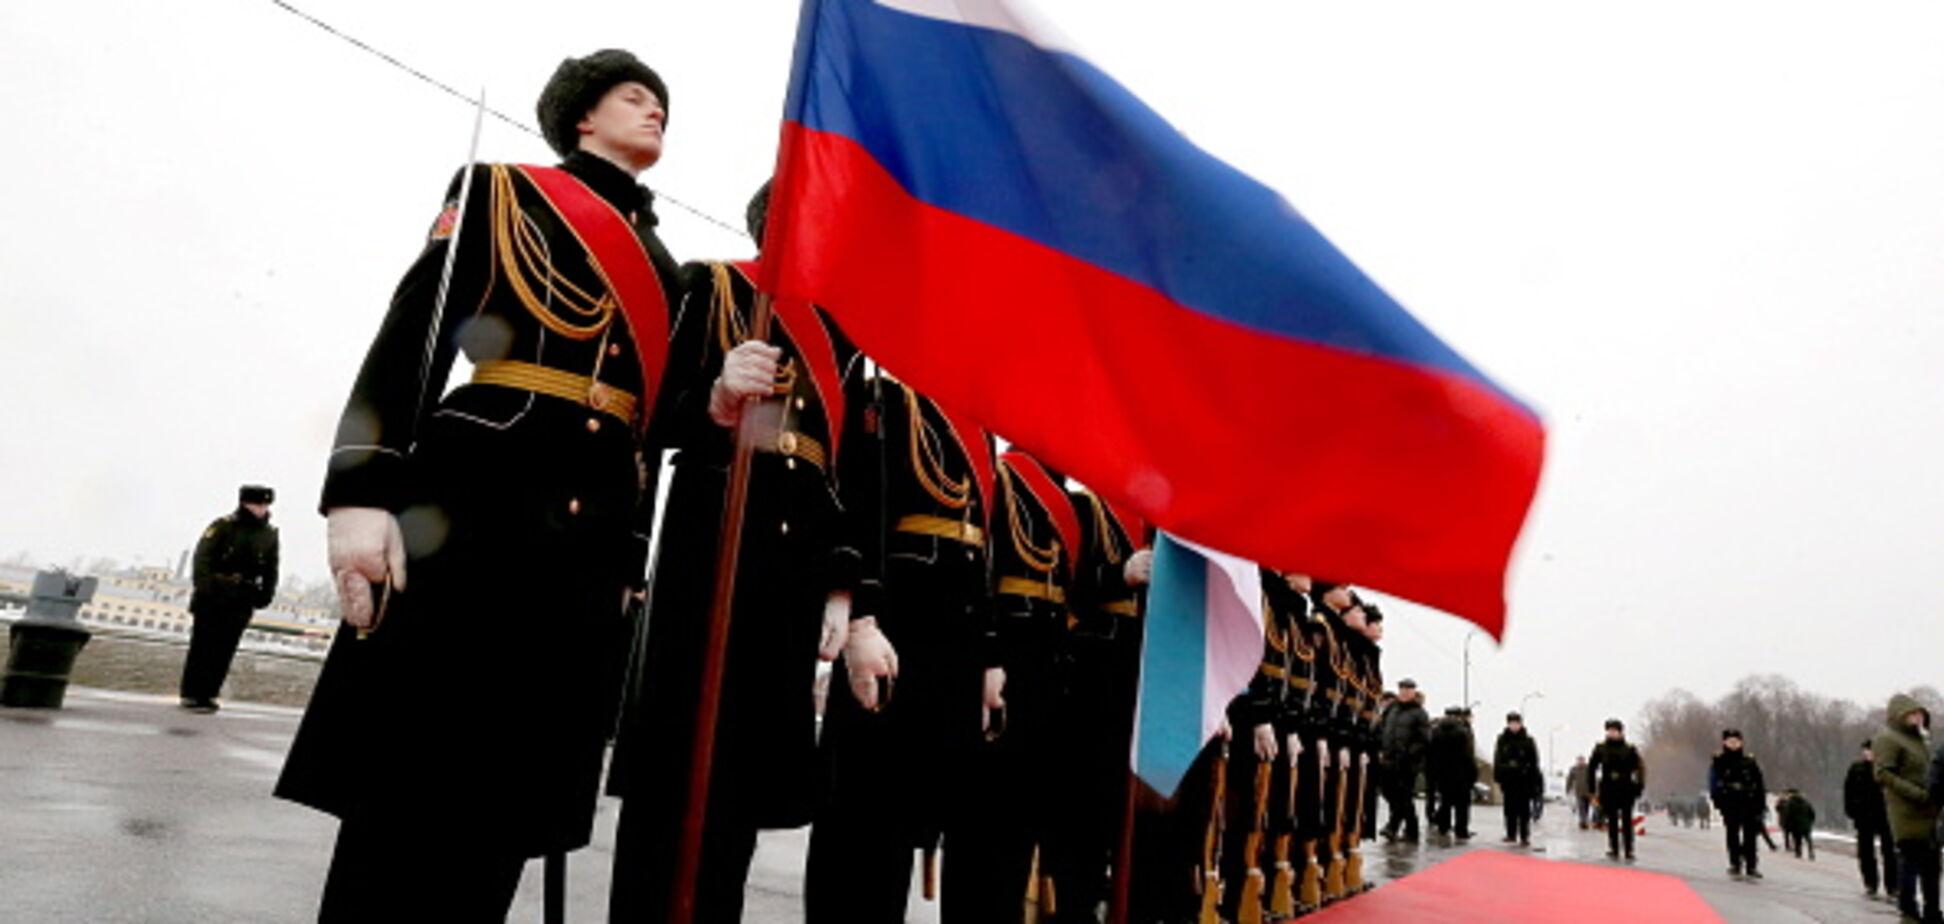 Посла 'похоронили': Россию заподозрили в организации атаки на отель с украинцами в Кабуле